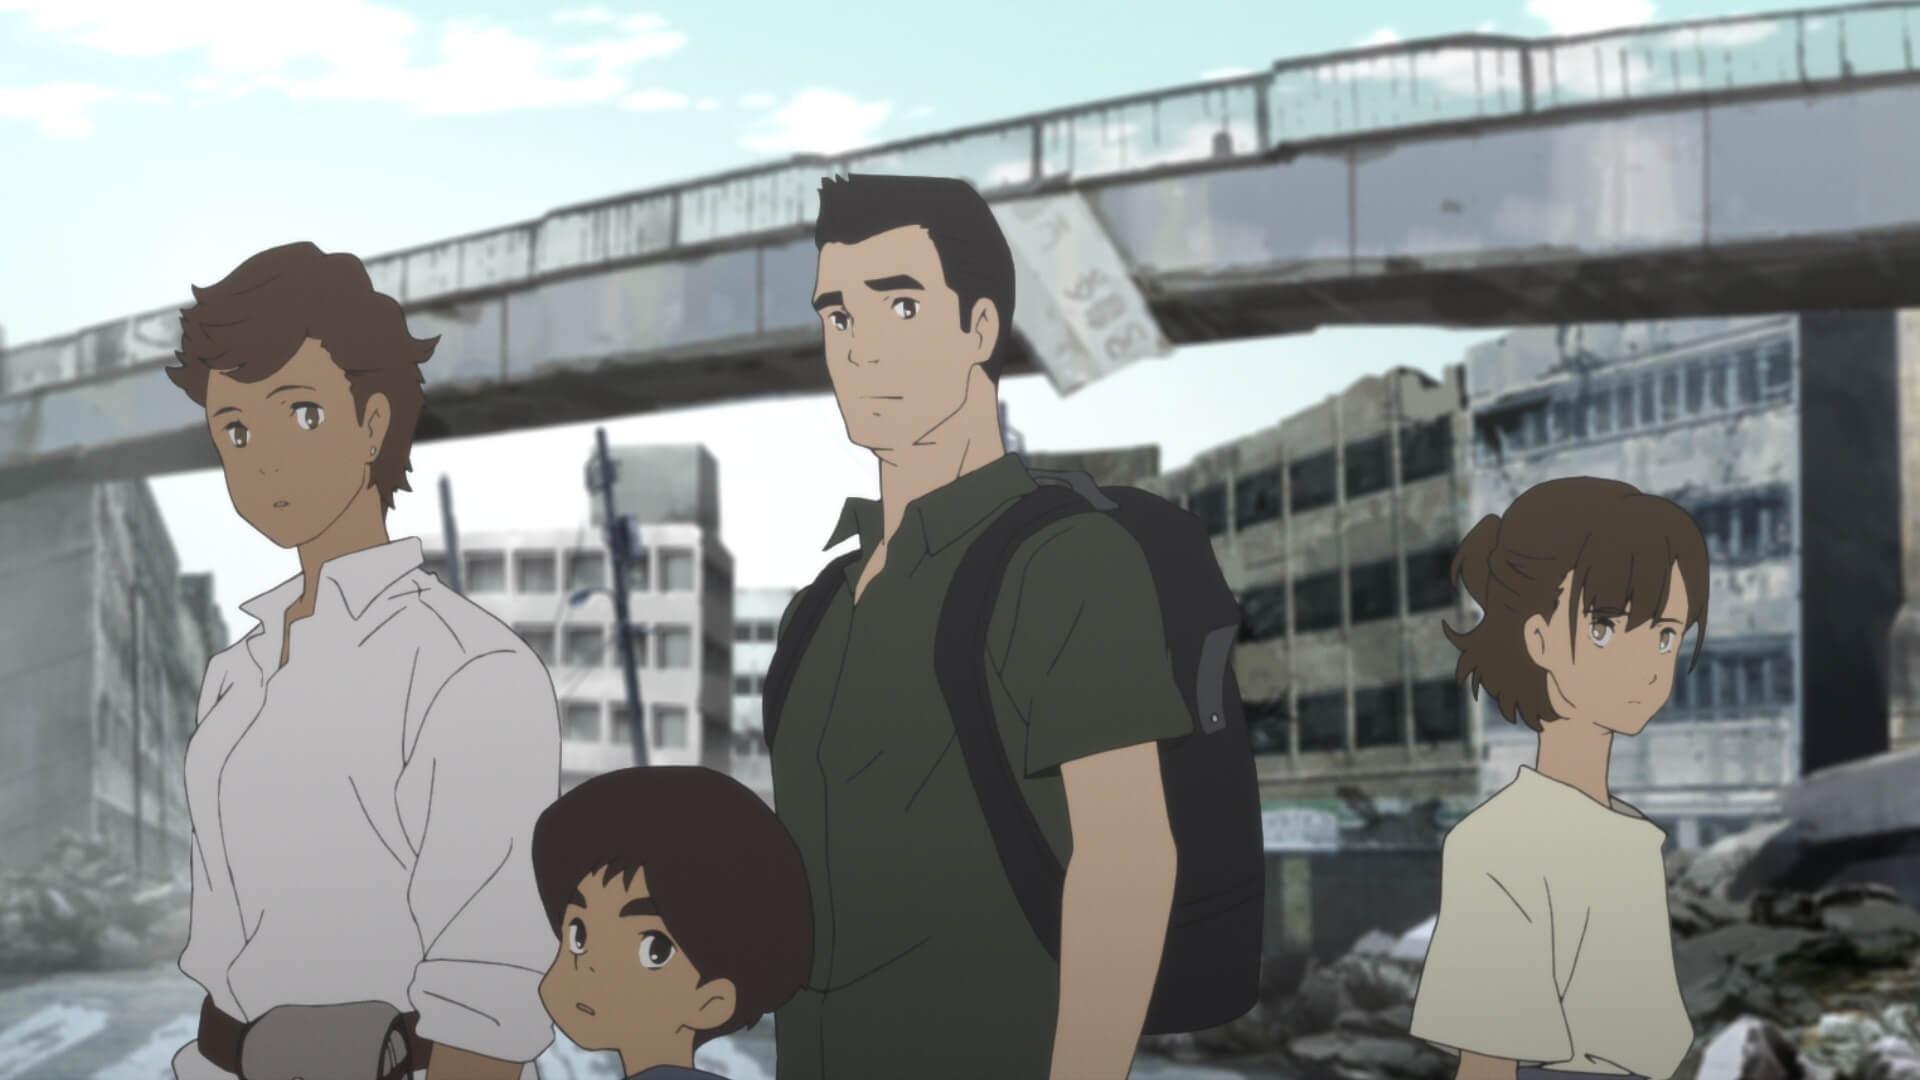 物憂げな表情が示す想いとは...?Netflixオリジナルアニメ『日本沈没2020』のメインキャスト&場面写真が解禁! art200326_nihon_2020_3